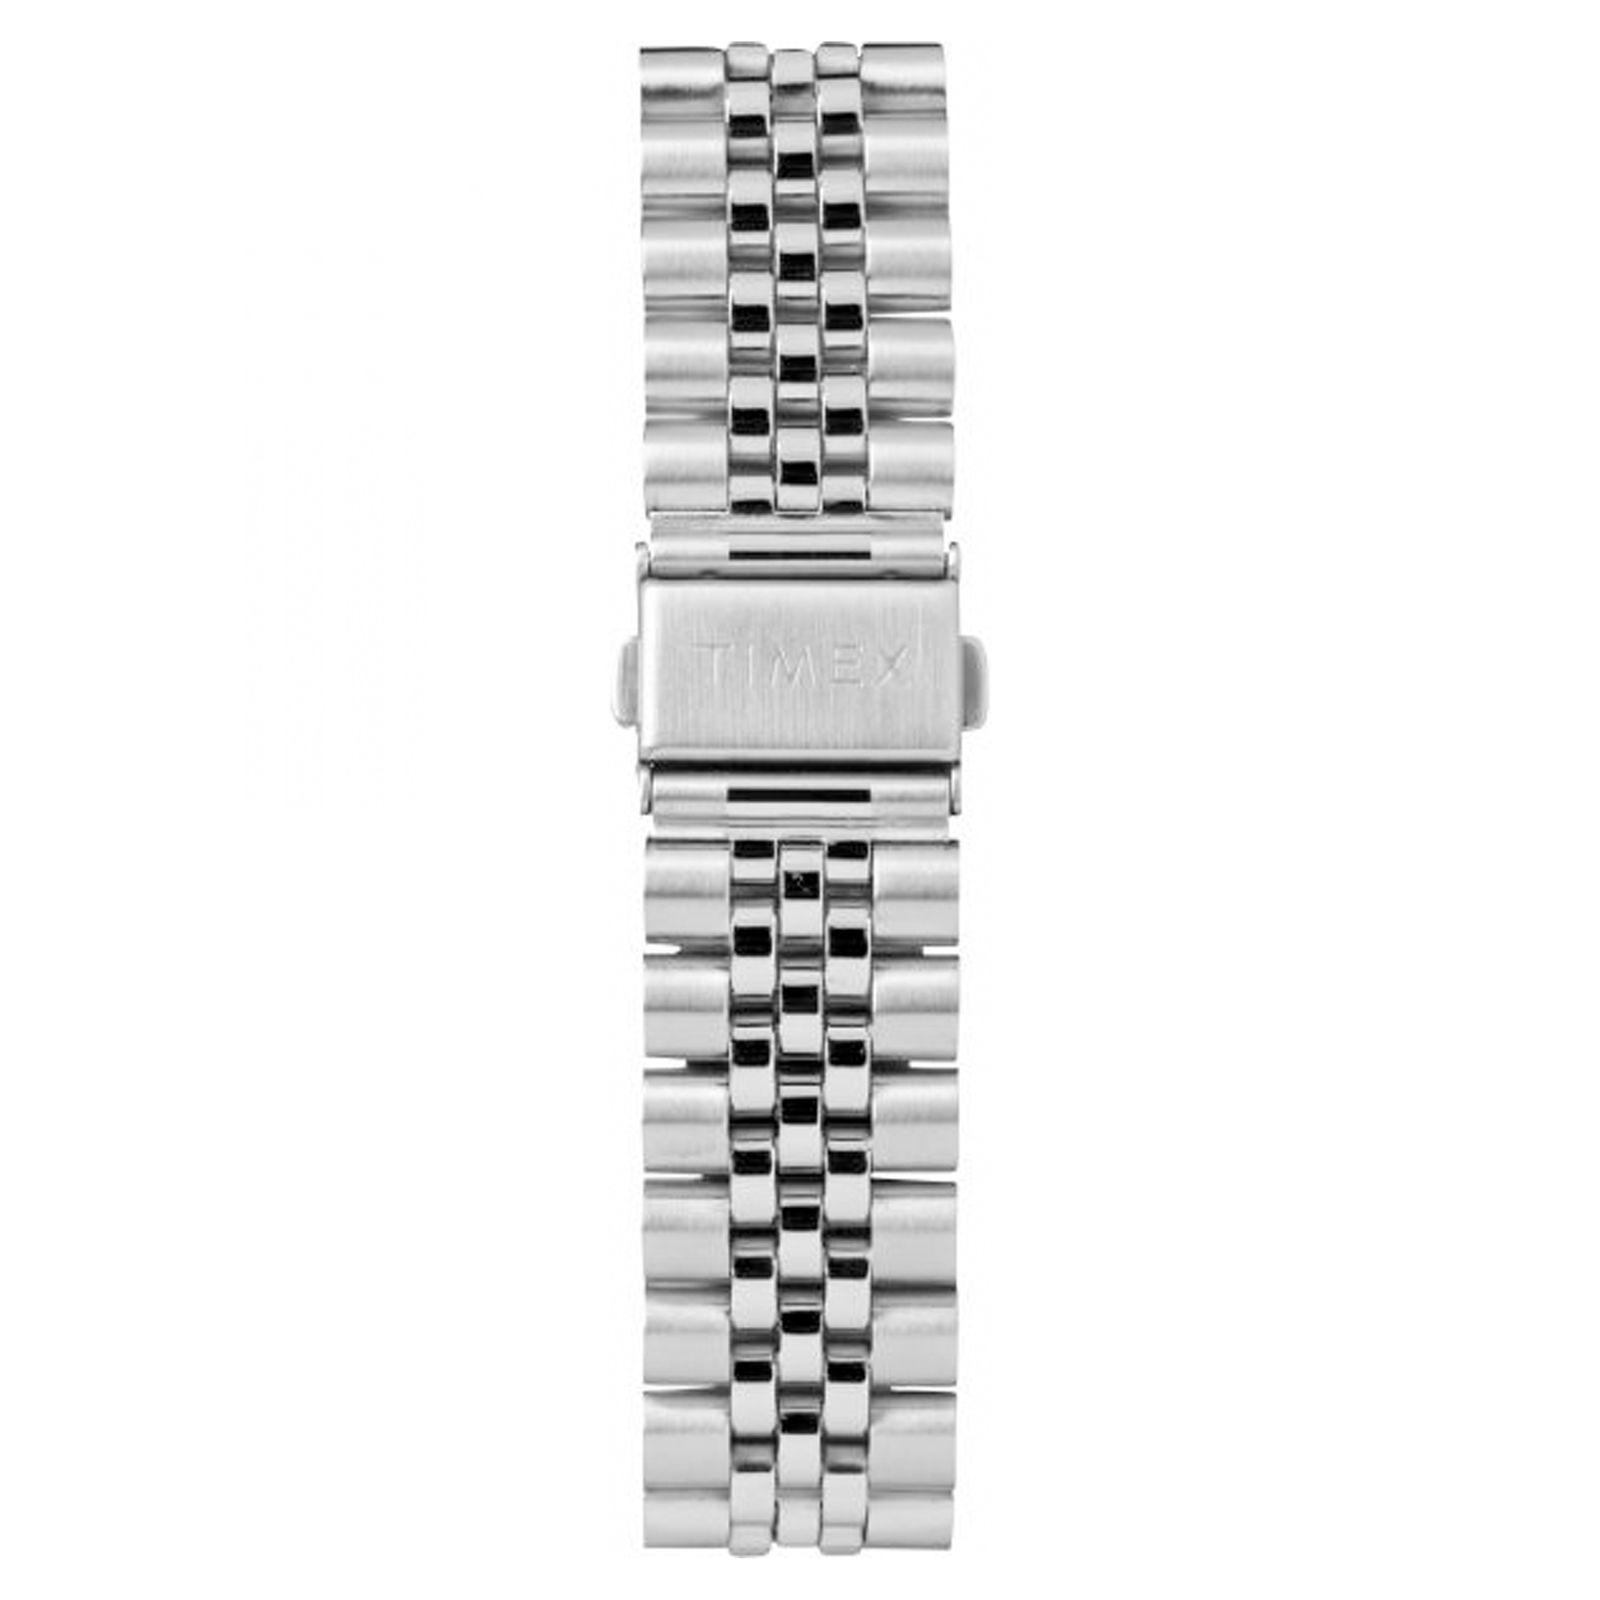 ساعت مچی عقربه ای مردانه تایمکس مدل TW2R88500 -  - 2